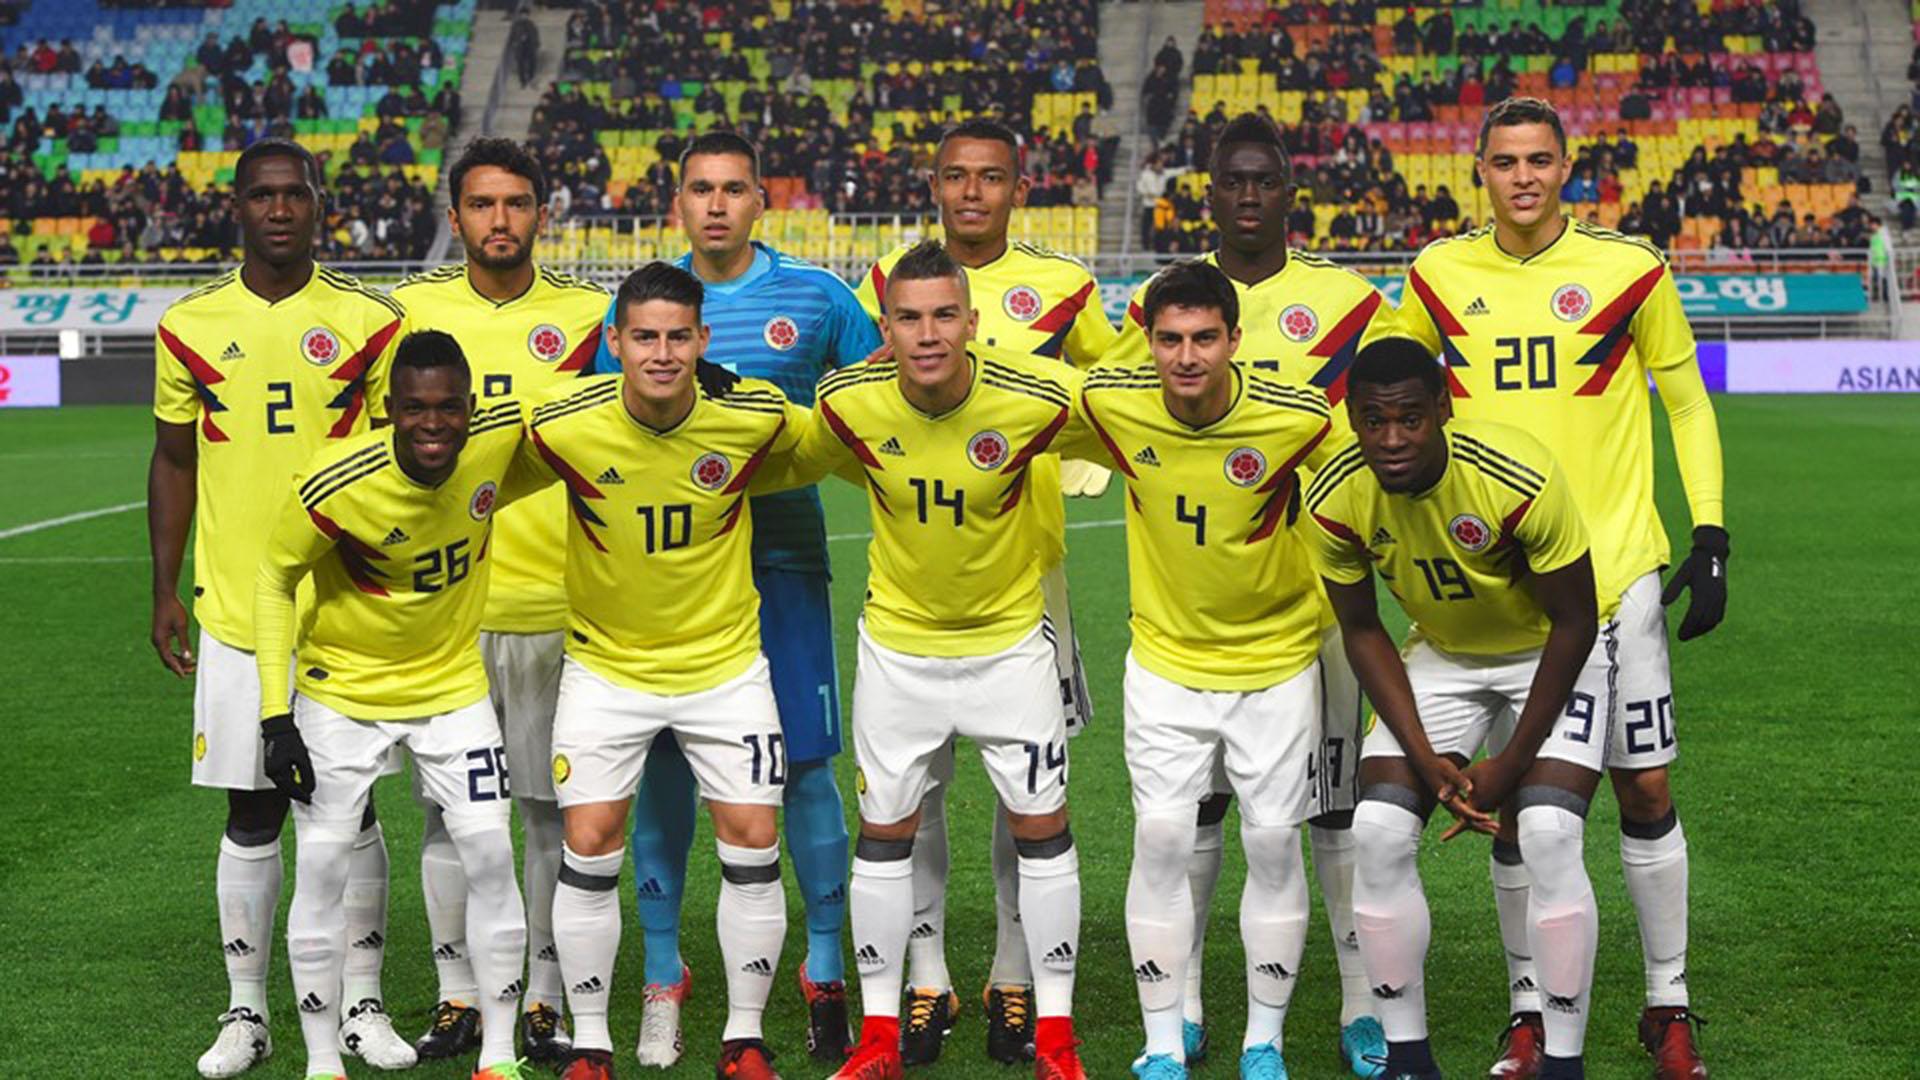 Con un promedio de edad de 28 años, el valor de Colombia es de 234,36 millones de dólares